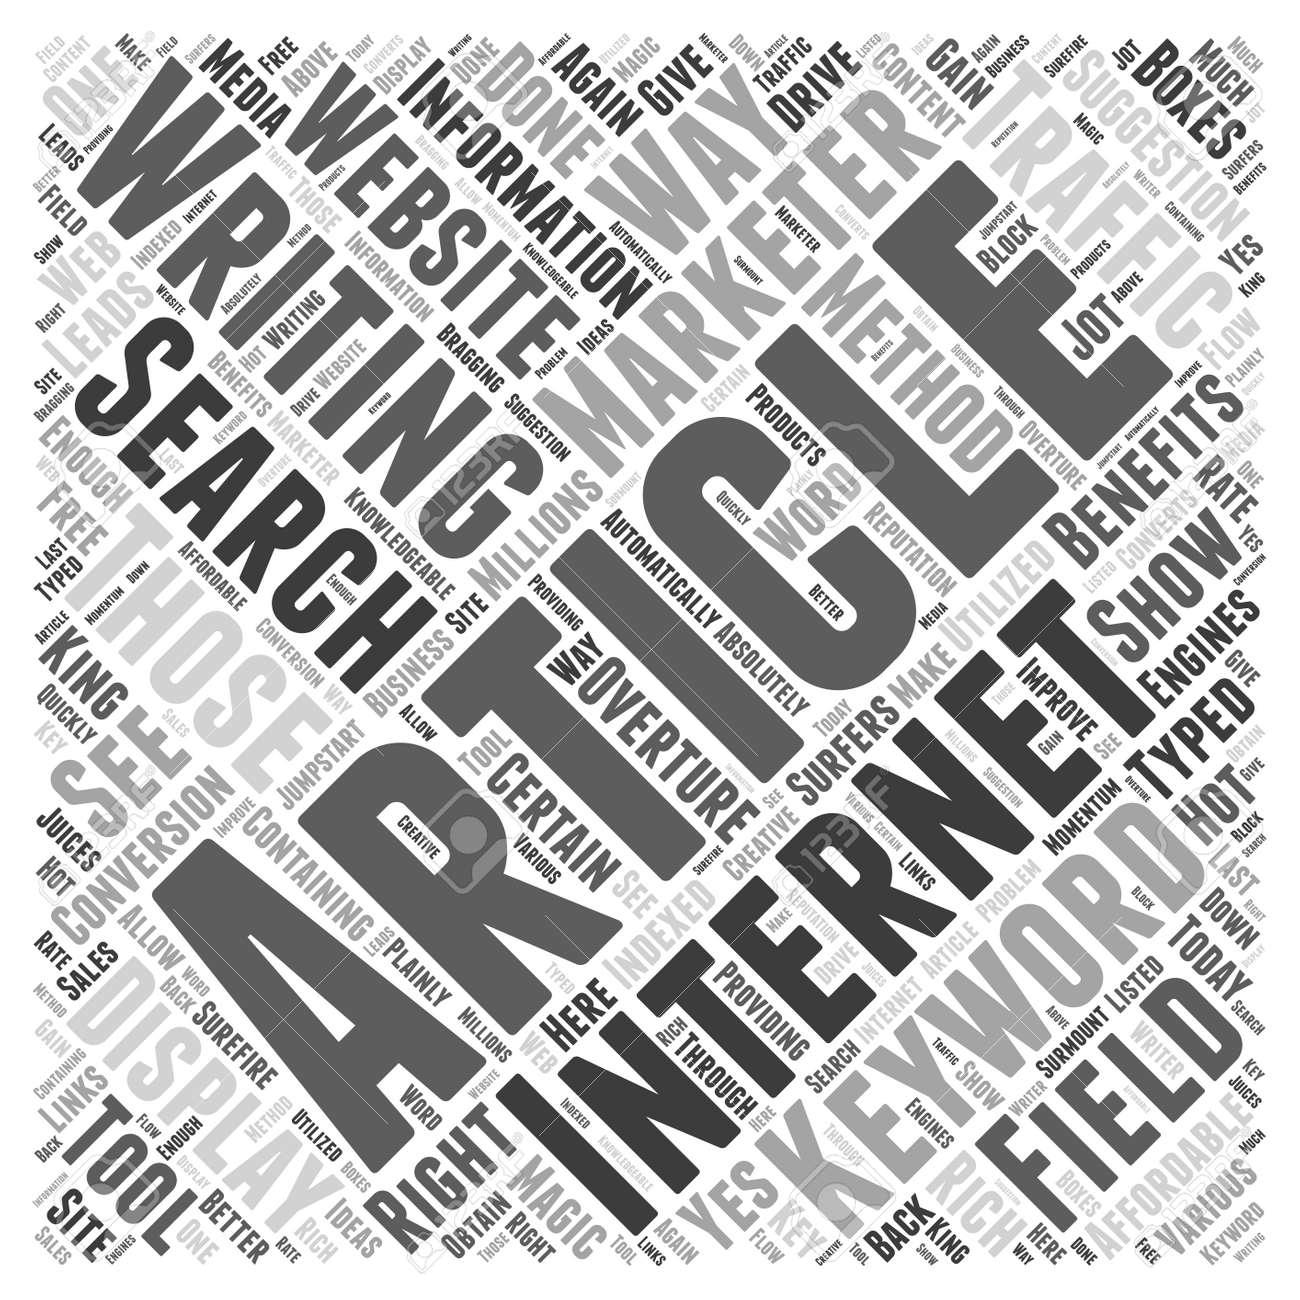 BW Artículos Como El Método De La Comercialización Del Internet ...